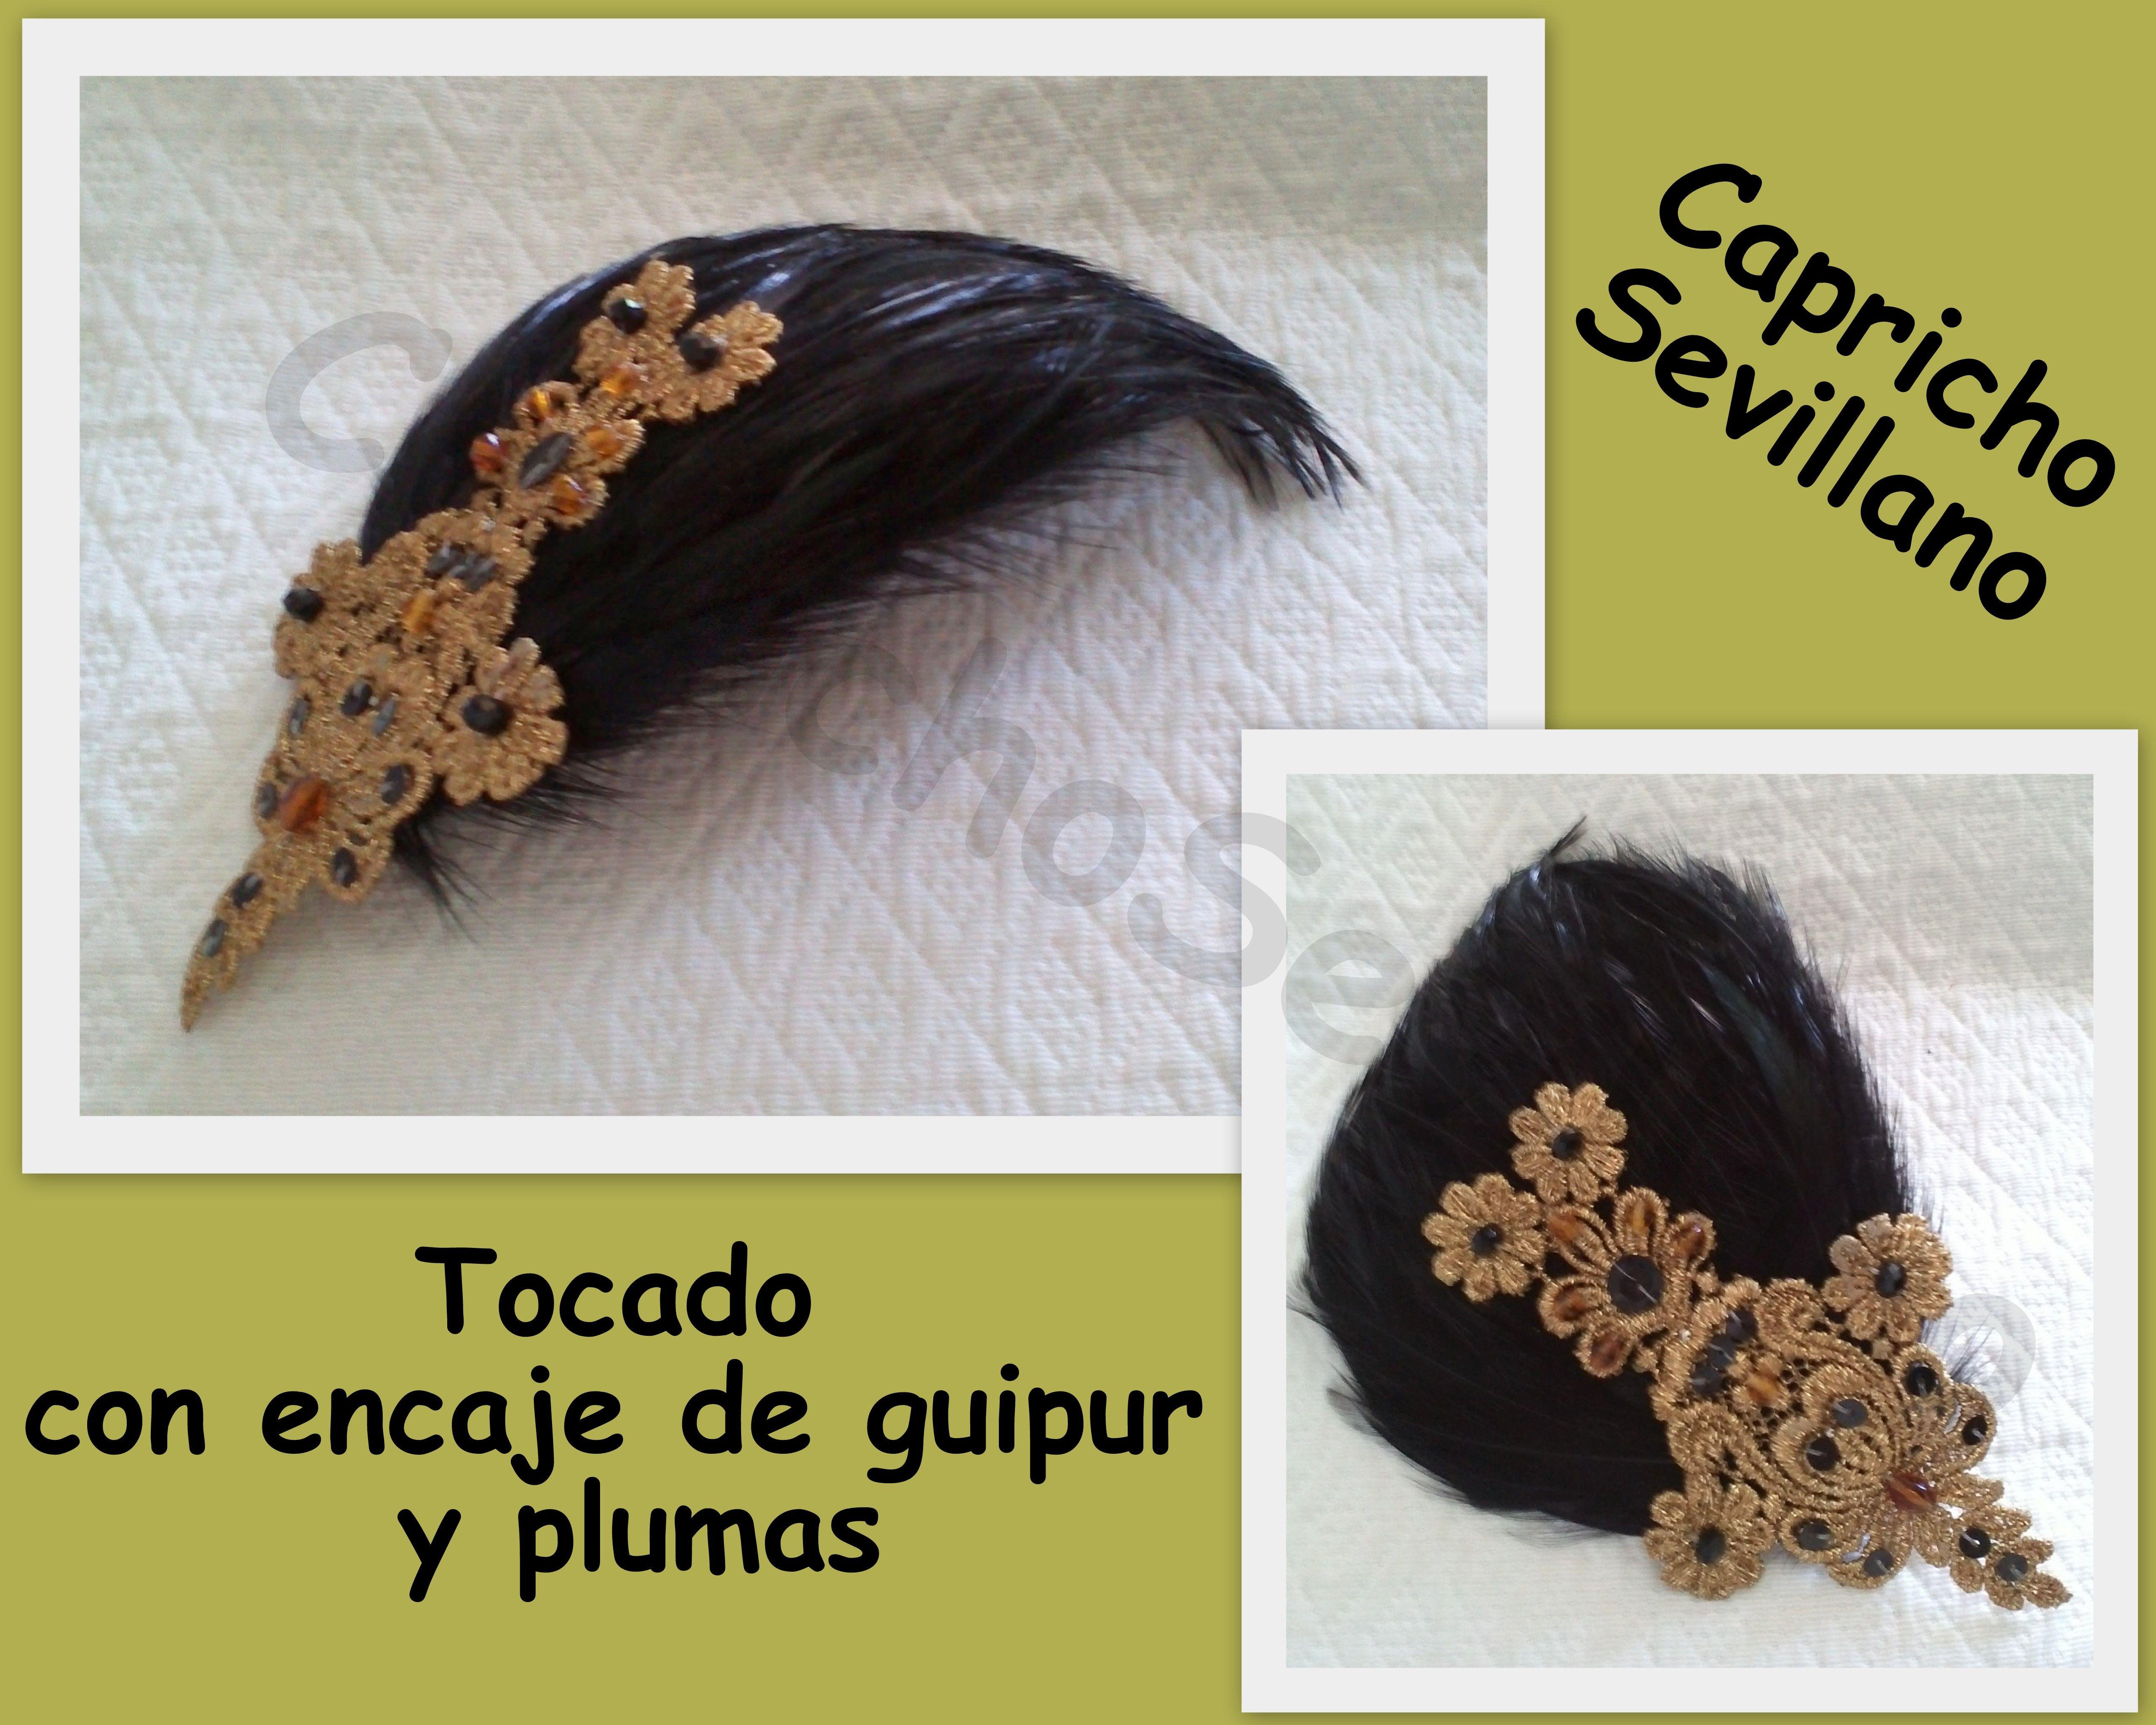 tocado guipur dorado y plumas- capricho sevillano